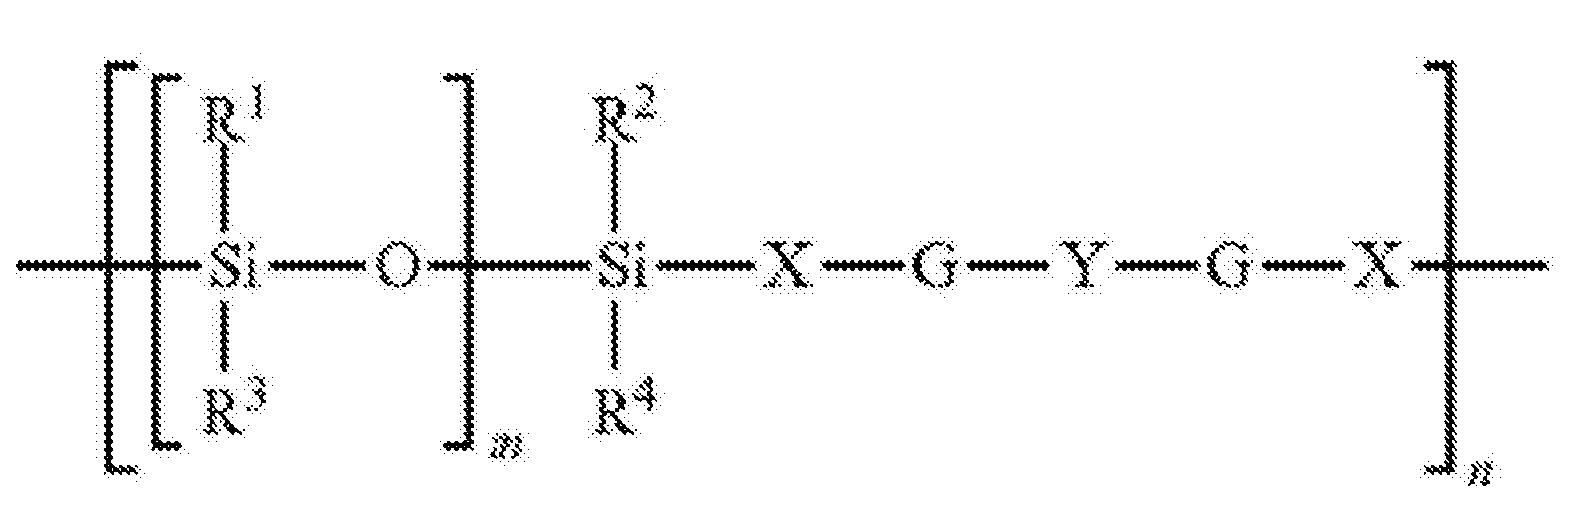 Figure CN107405294AC00021